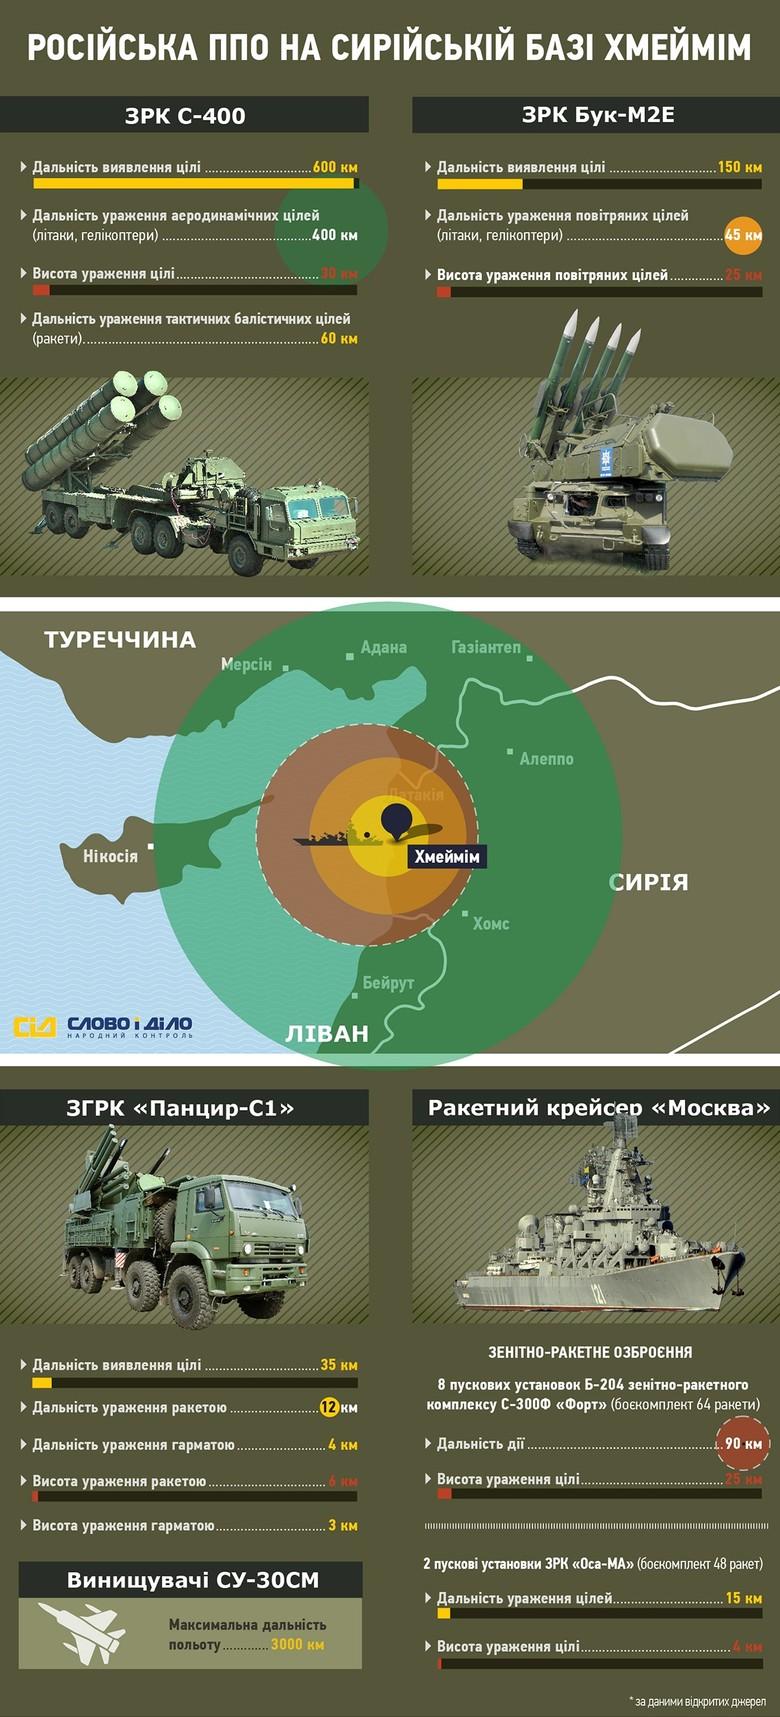 «Слово і Діло» вирішило показати, яку територію покривають війська російської протиповітряної оборони в Сирії.